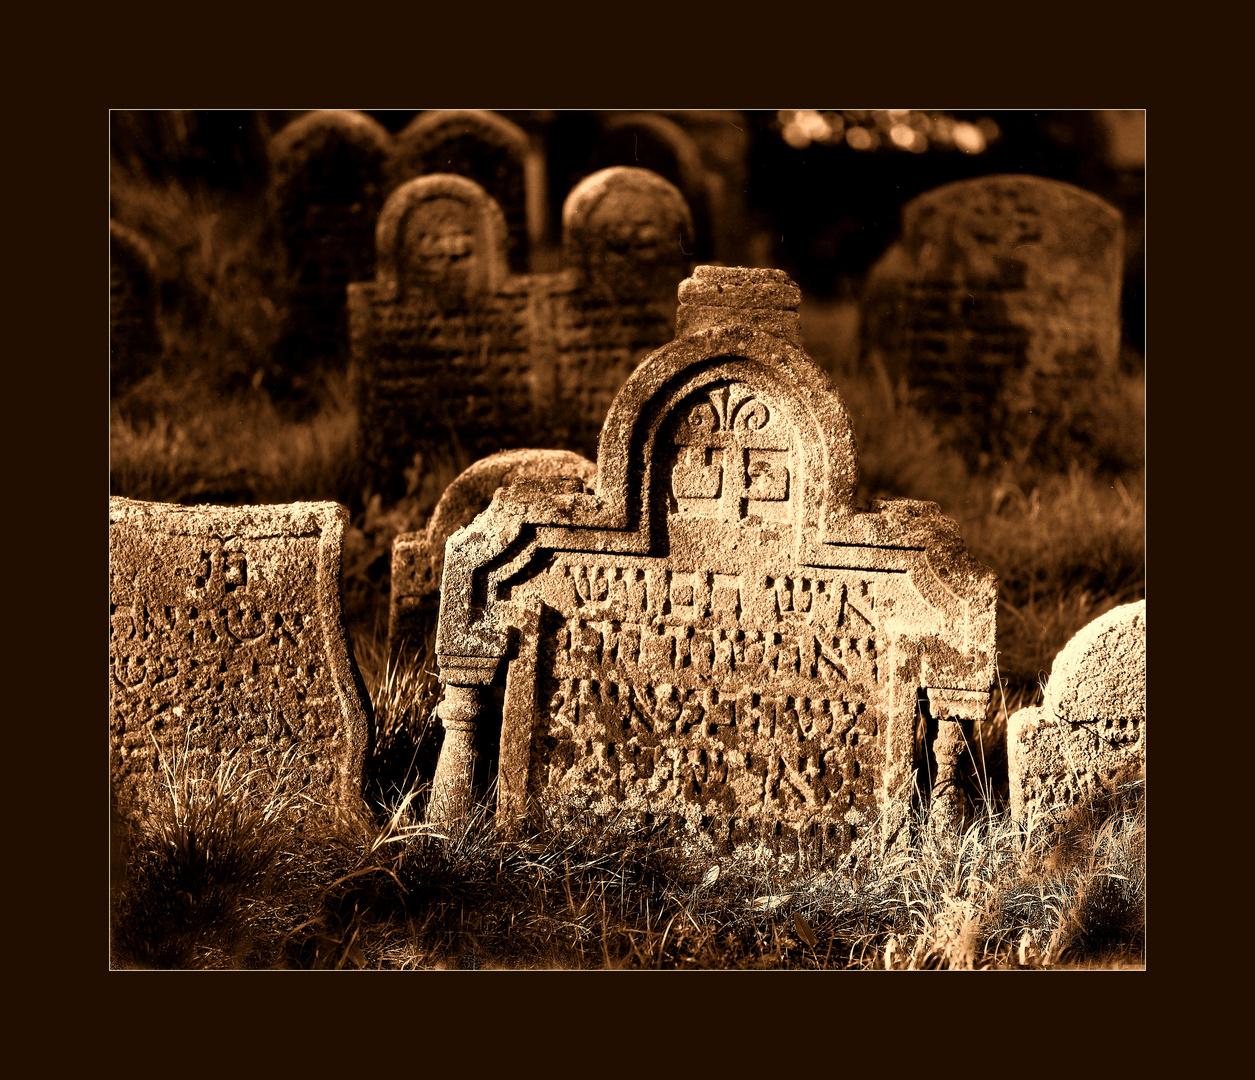 Szene im jüdischen Friedhof von Floss / Norbayern